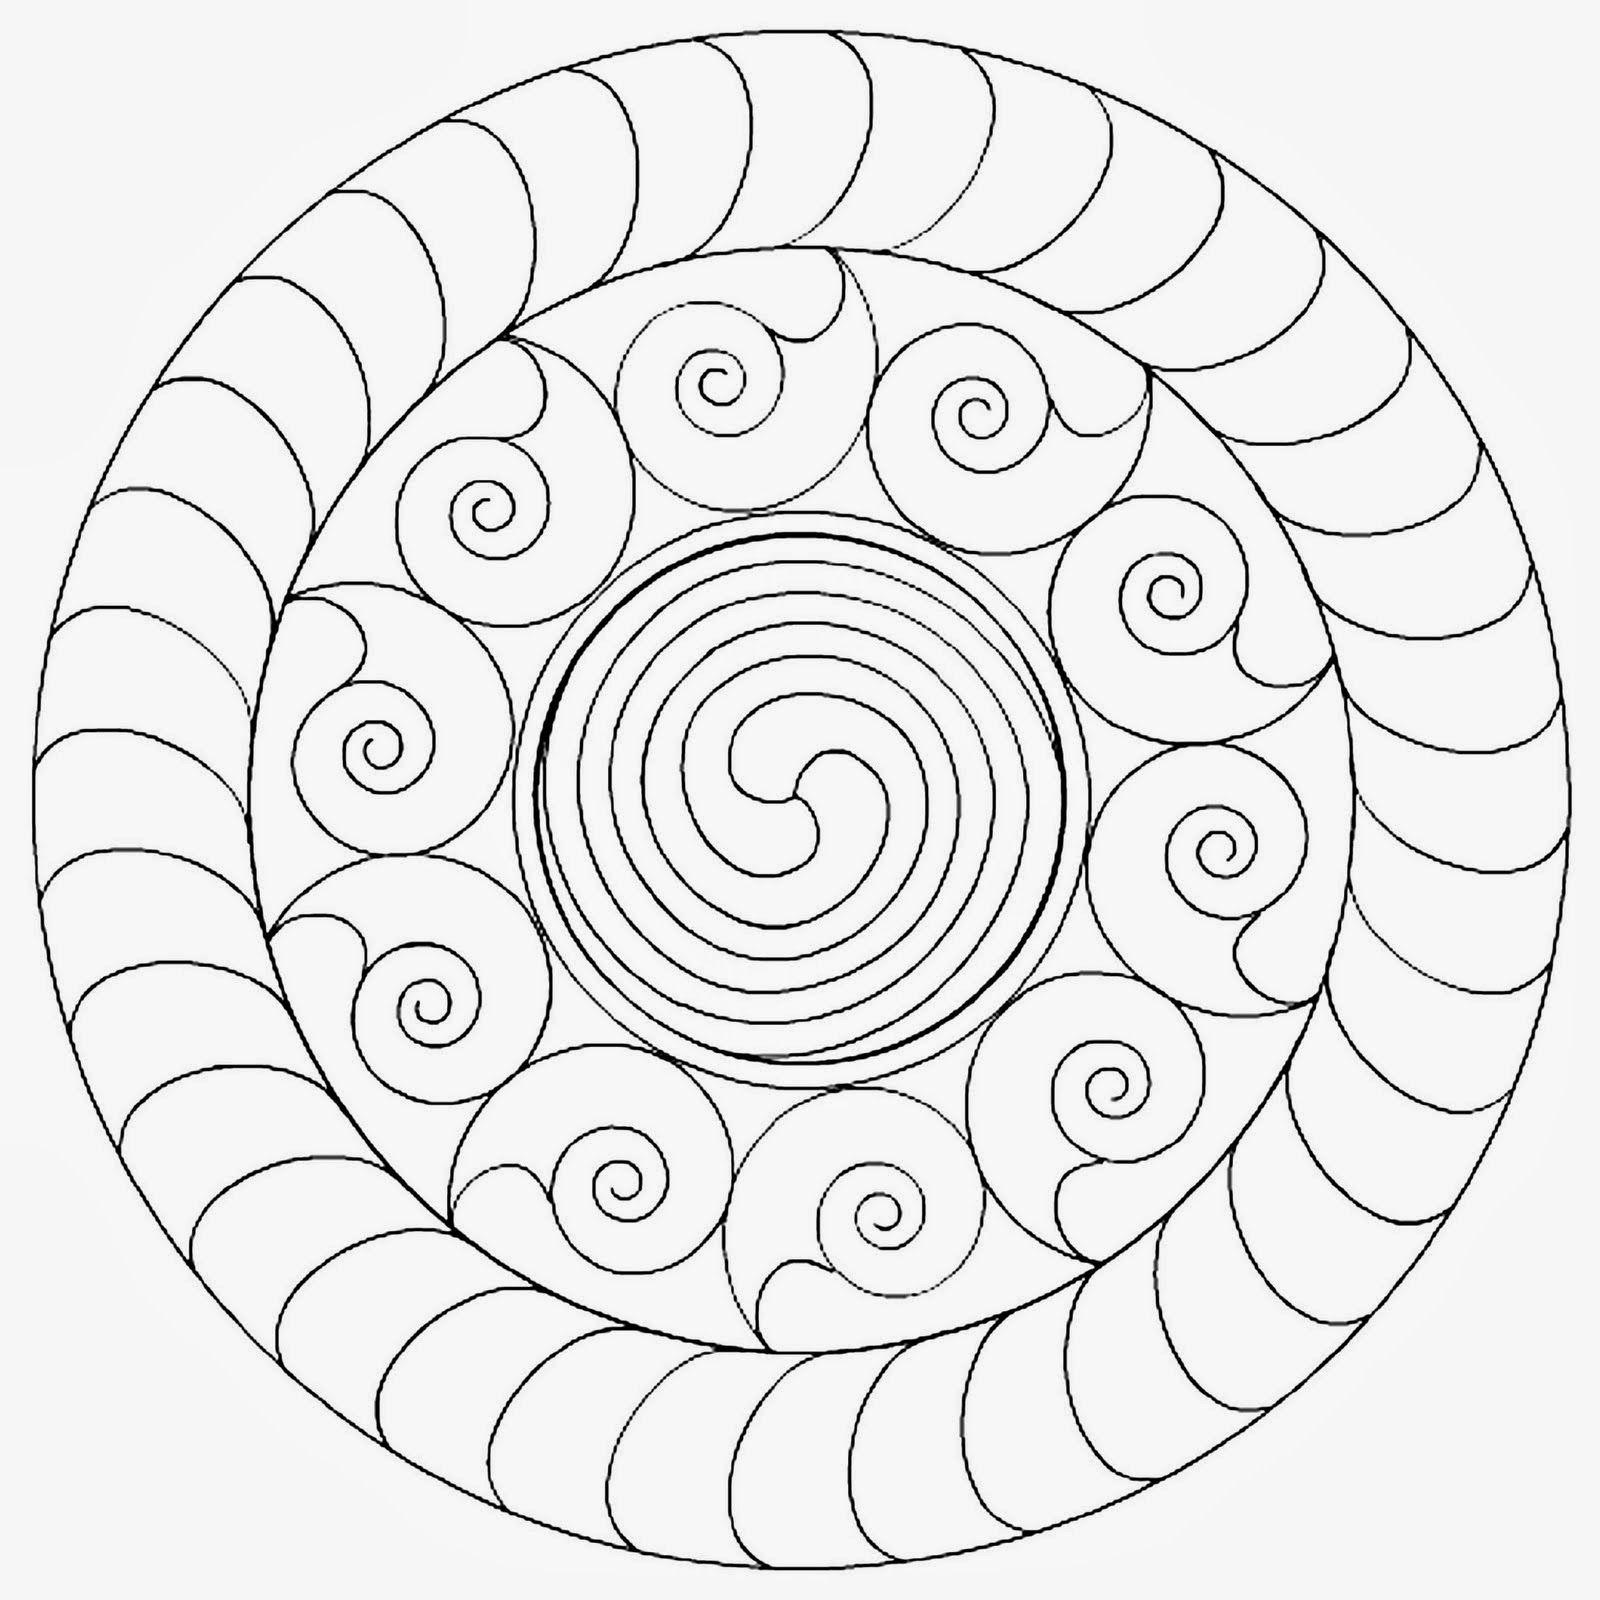 mandala-2.jpg (1600×1600)